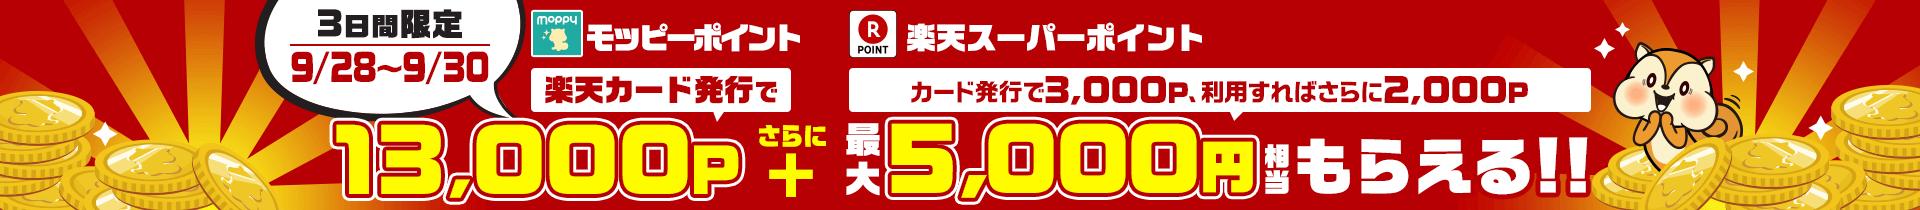 モッピー経由の楽天カード発行で計18,000円のポイント還元